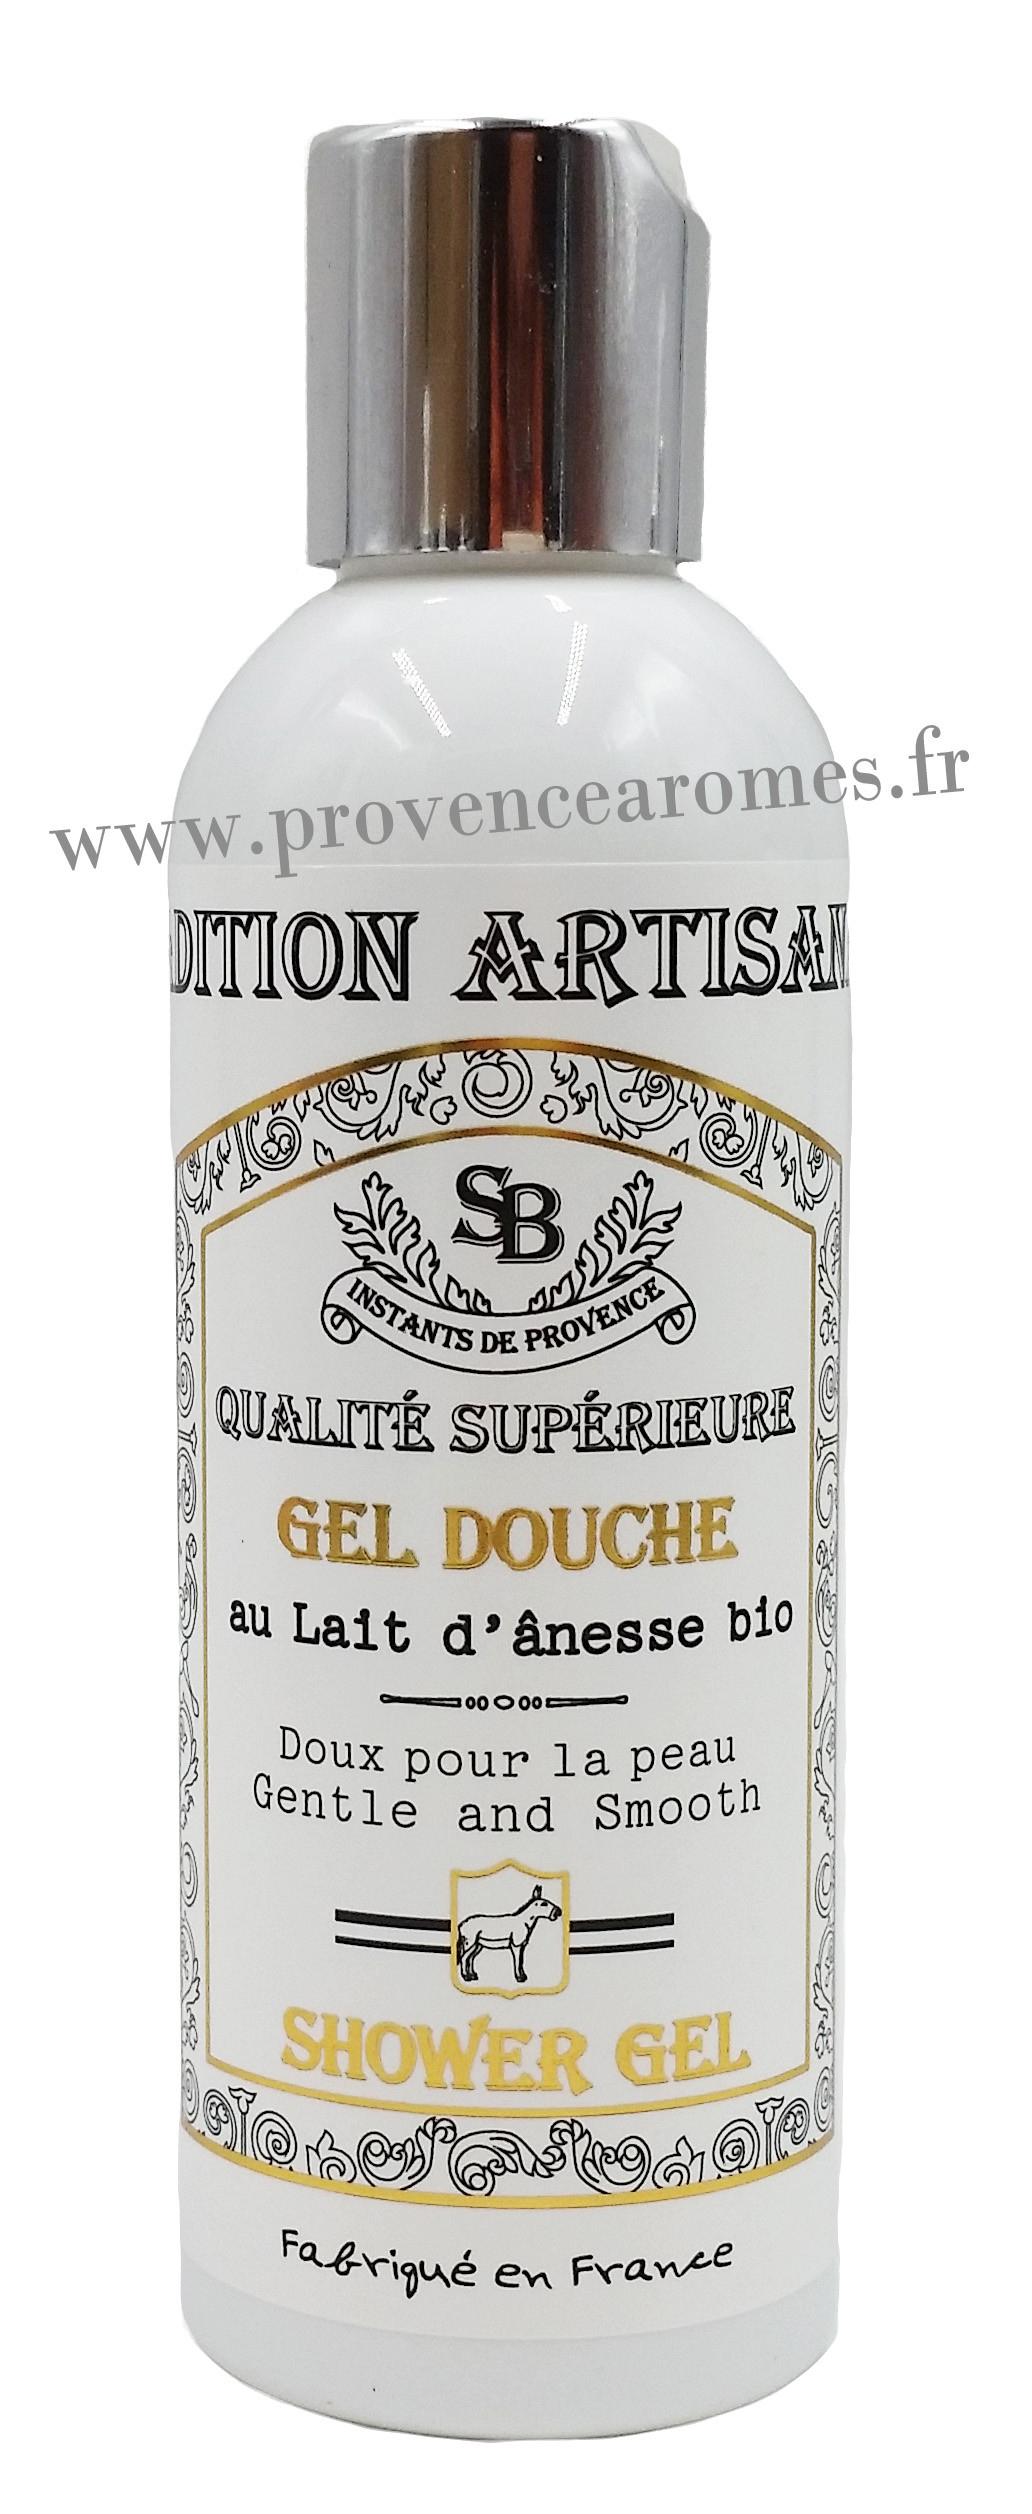 Gel Douche Au Lait D'ânesse Bio Un Été En Provence - Provence Arômes  Tendance Sud à Gel Douche Lait D Anesse